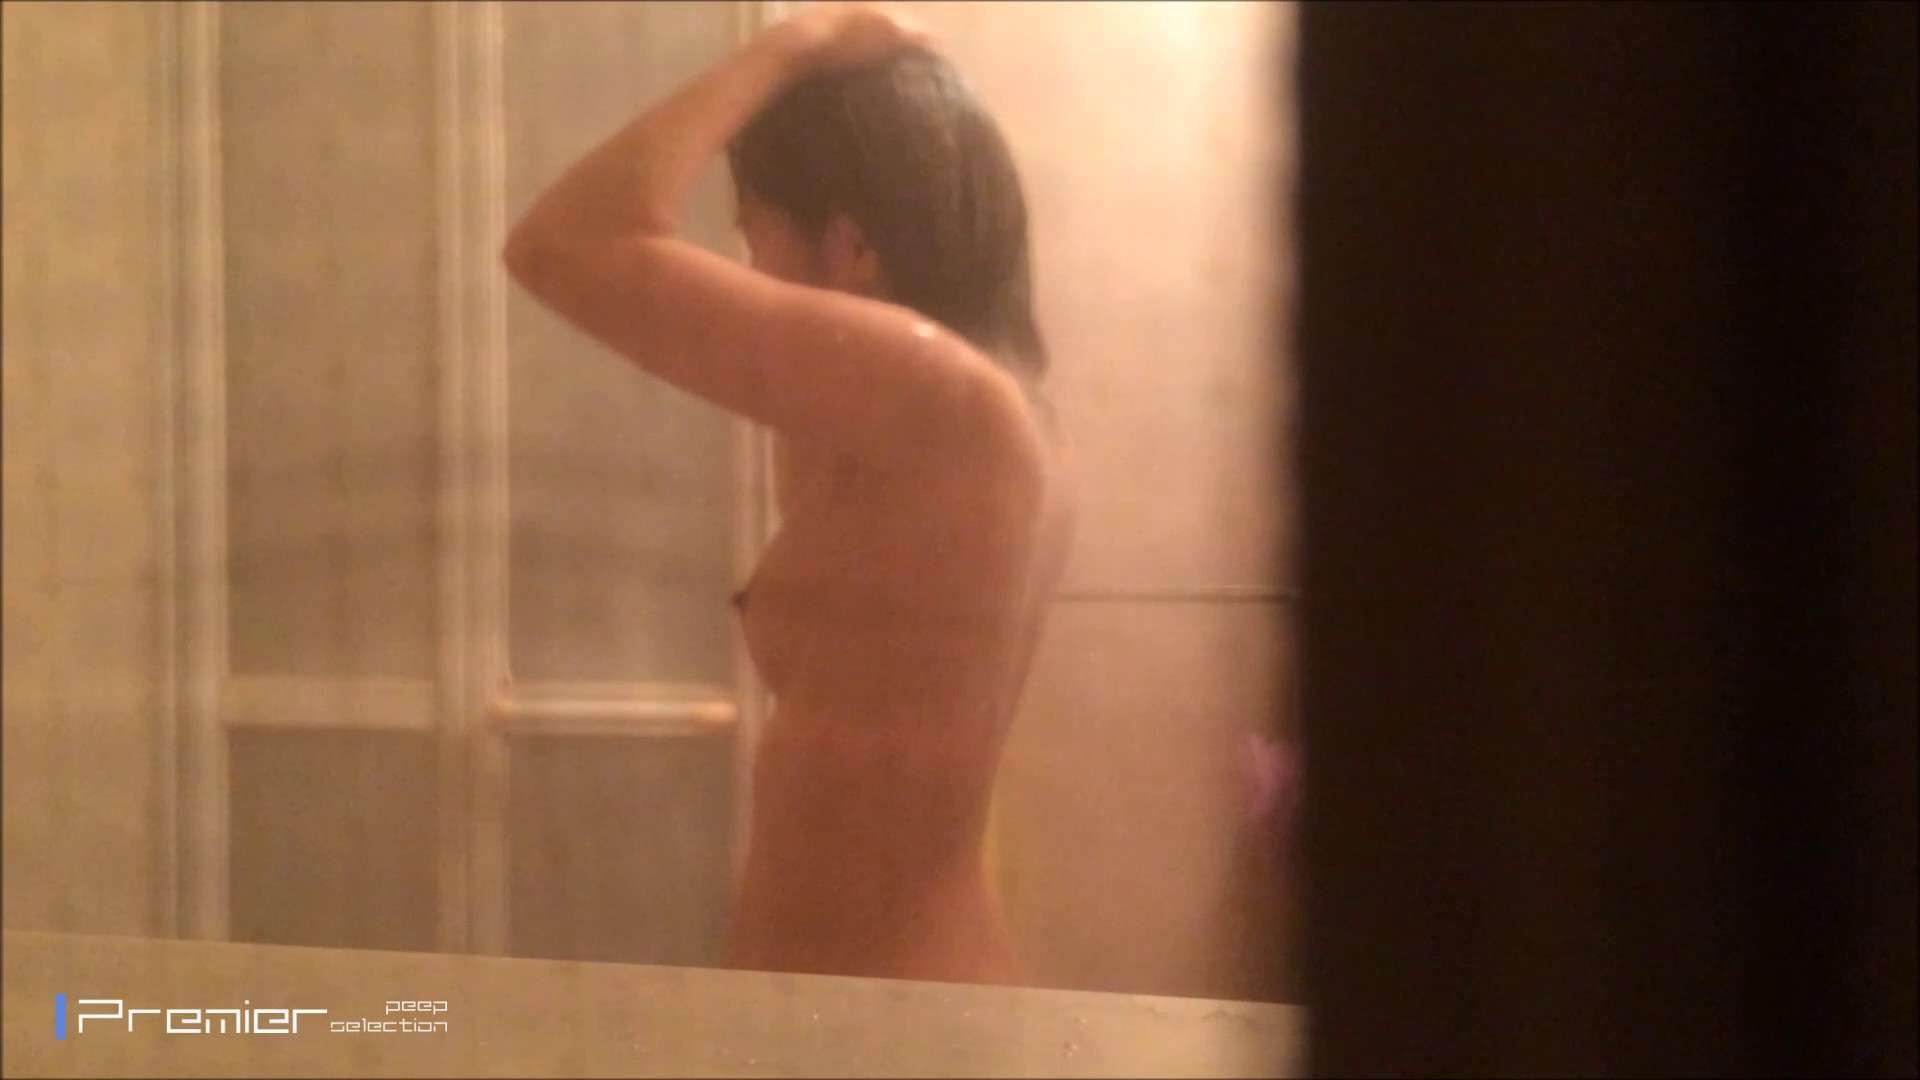 シャワーのお湯を跳ね返すお肌 乙女の風呂場 Vol.03 モデルコレクション | 乙女達のヌード  44連発